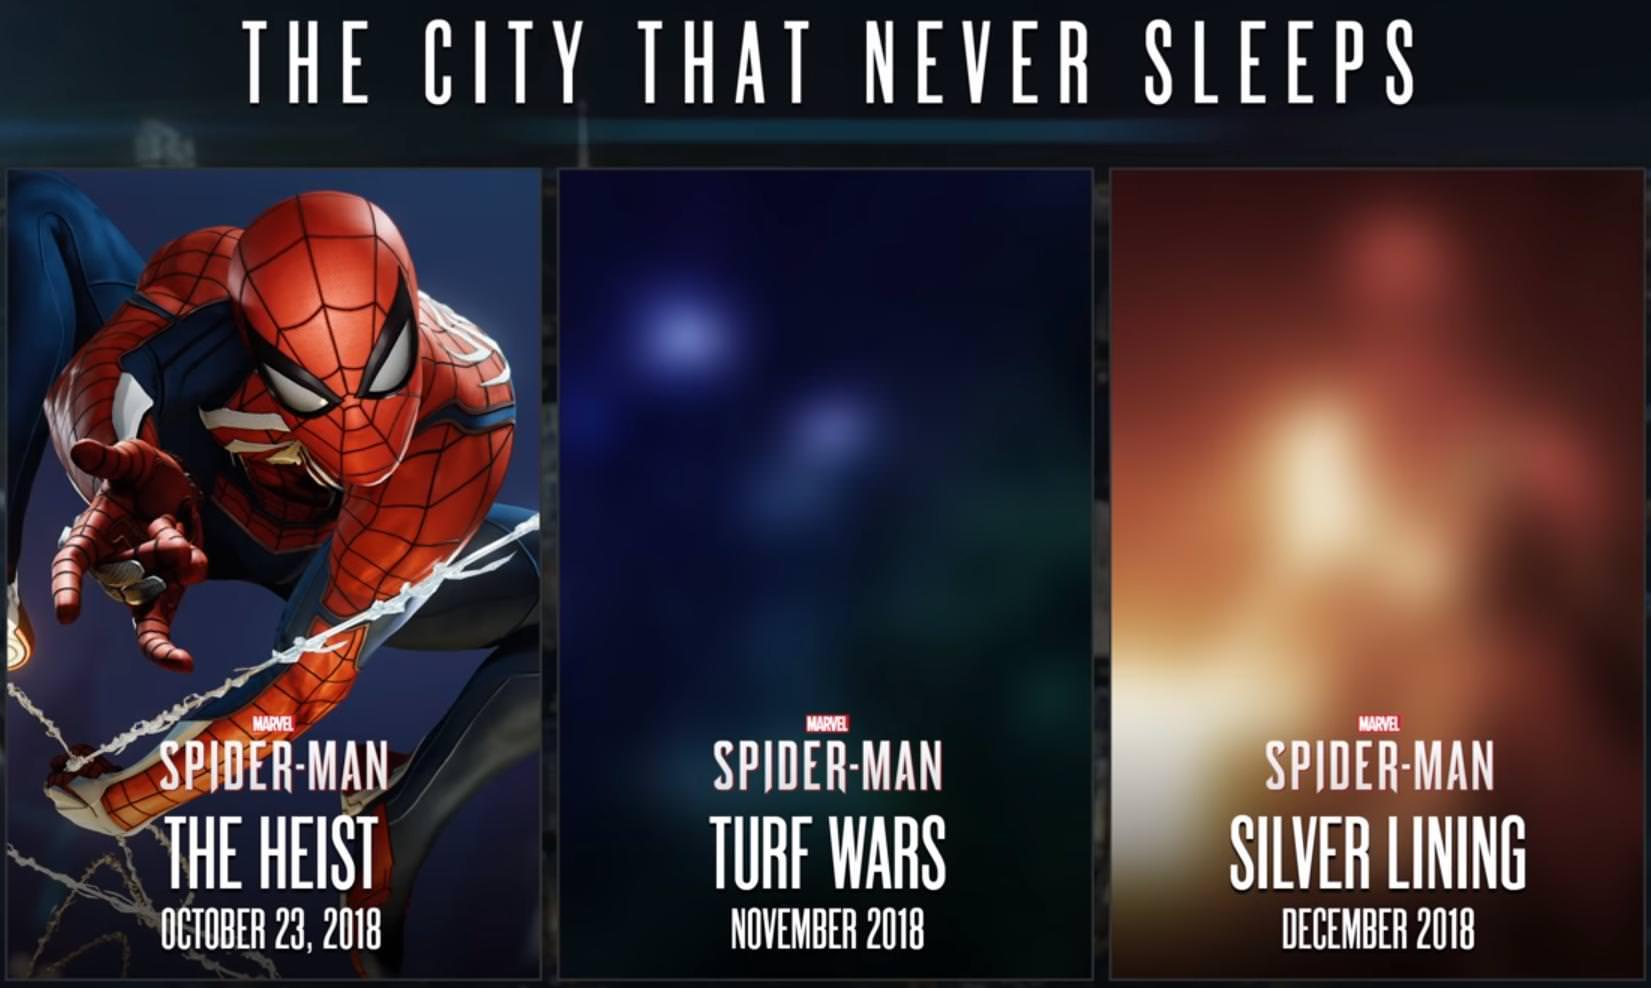 sony's playstation – marvel's spider man erfolgreichster launch der